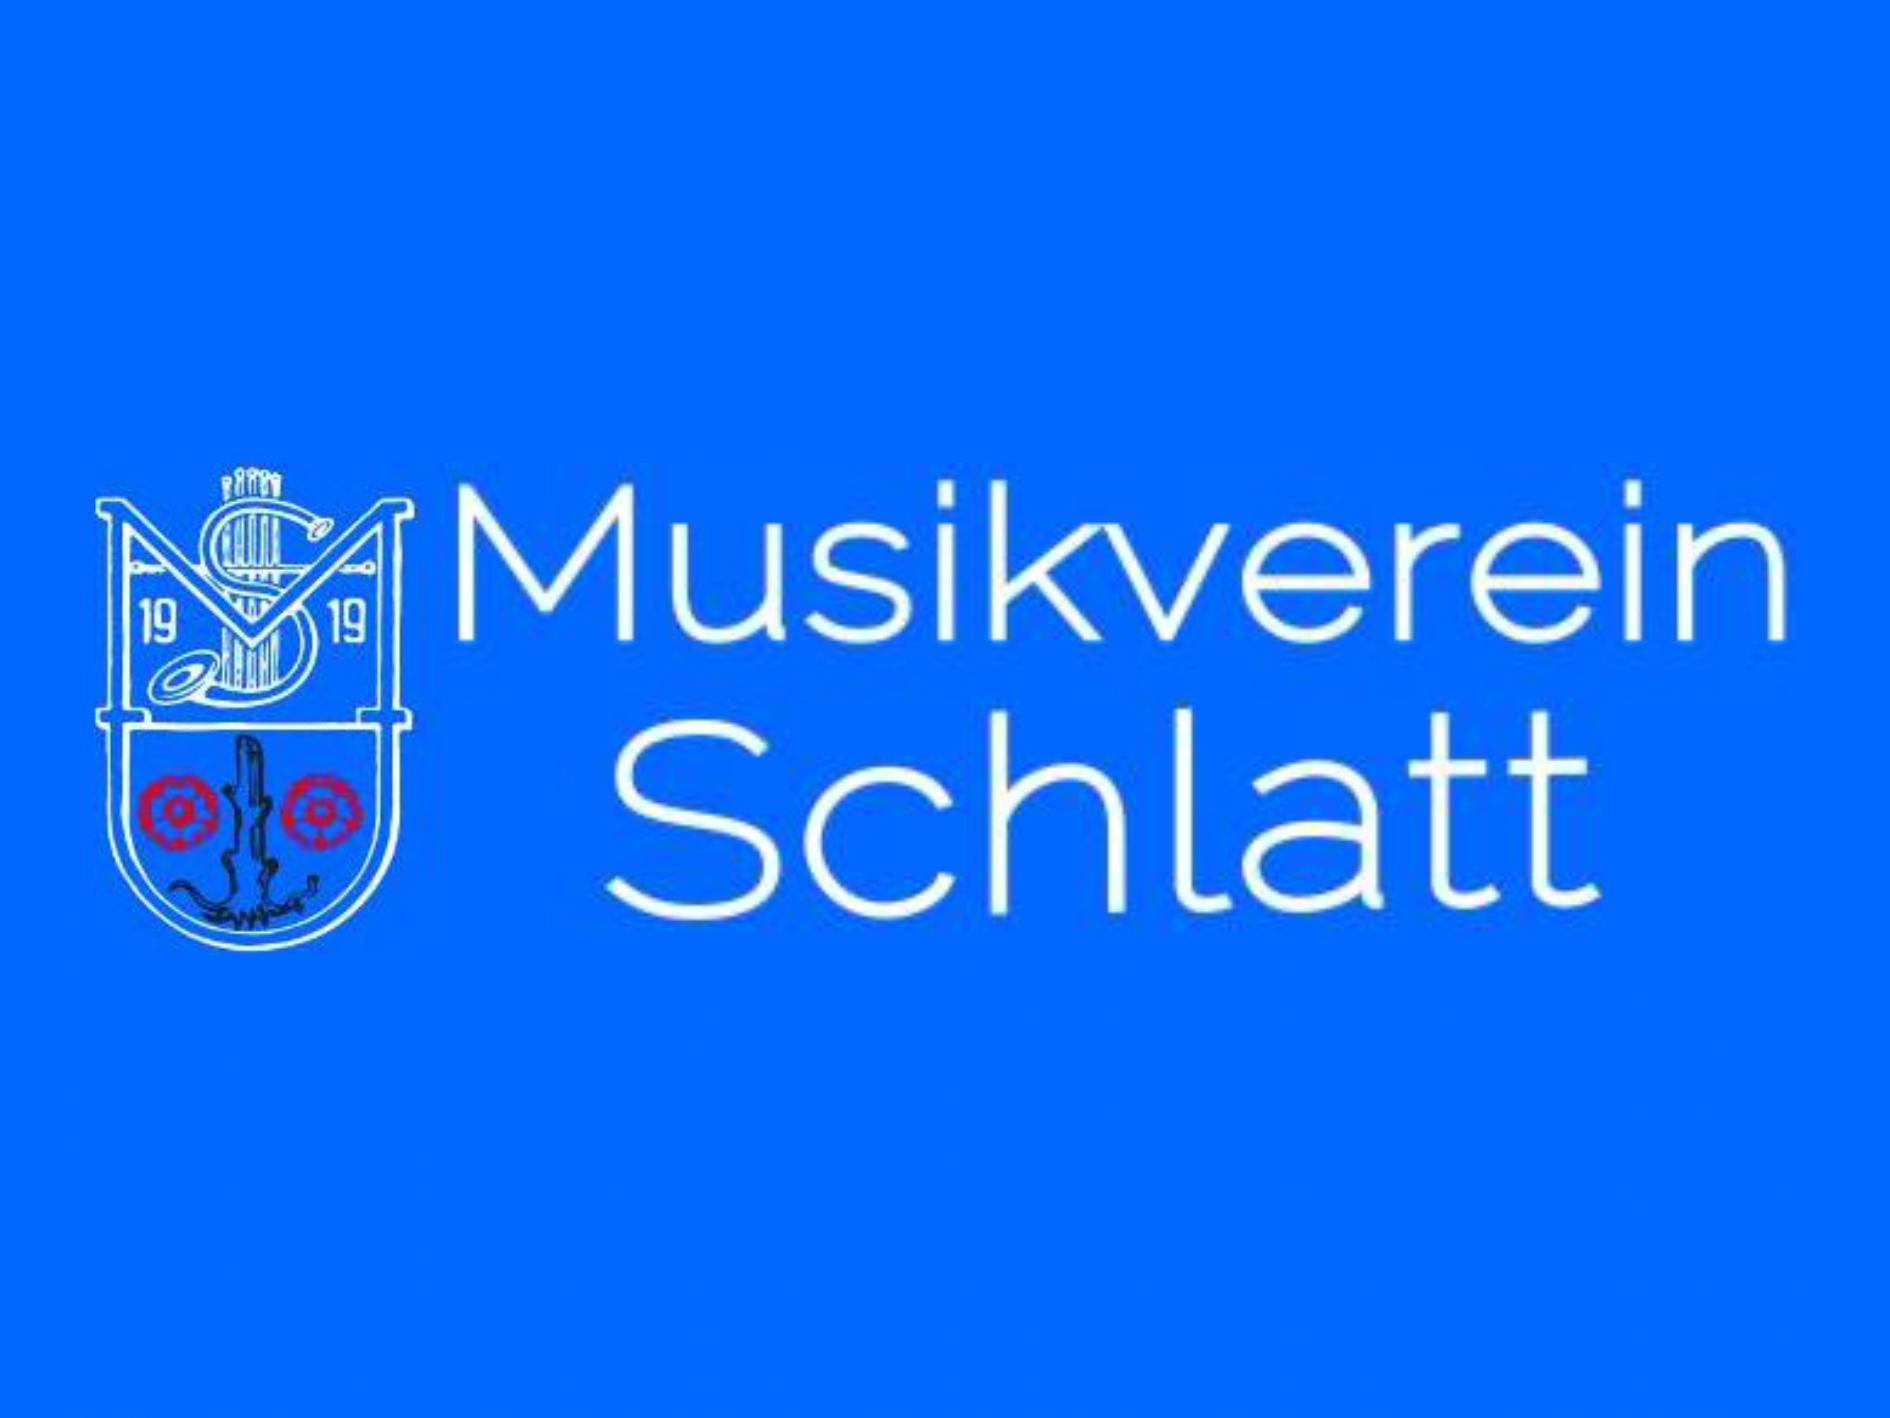 Musikverein Schlatt